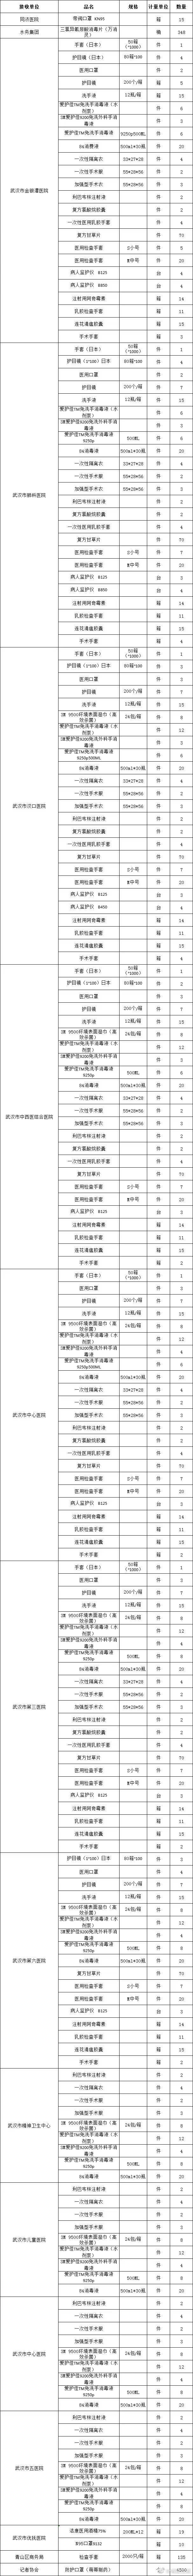 2020年1月30日武汉市红十字会发放物资一览表。| 图片来源:武汉红十字会官方微博